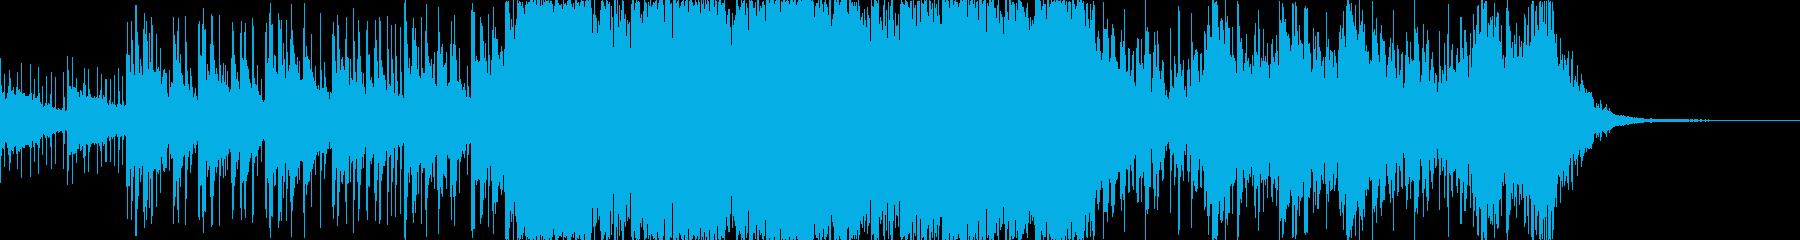 水属性のドラマチックなハイブリッドSEの再生済みの波形